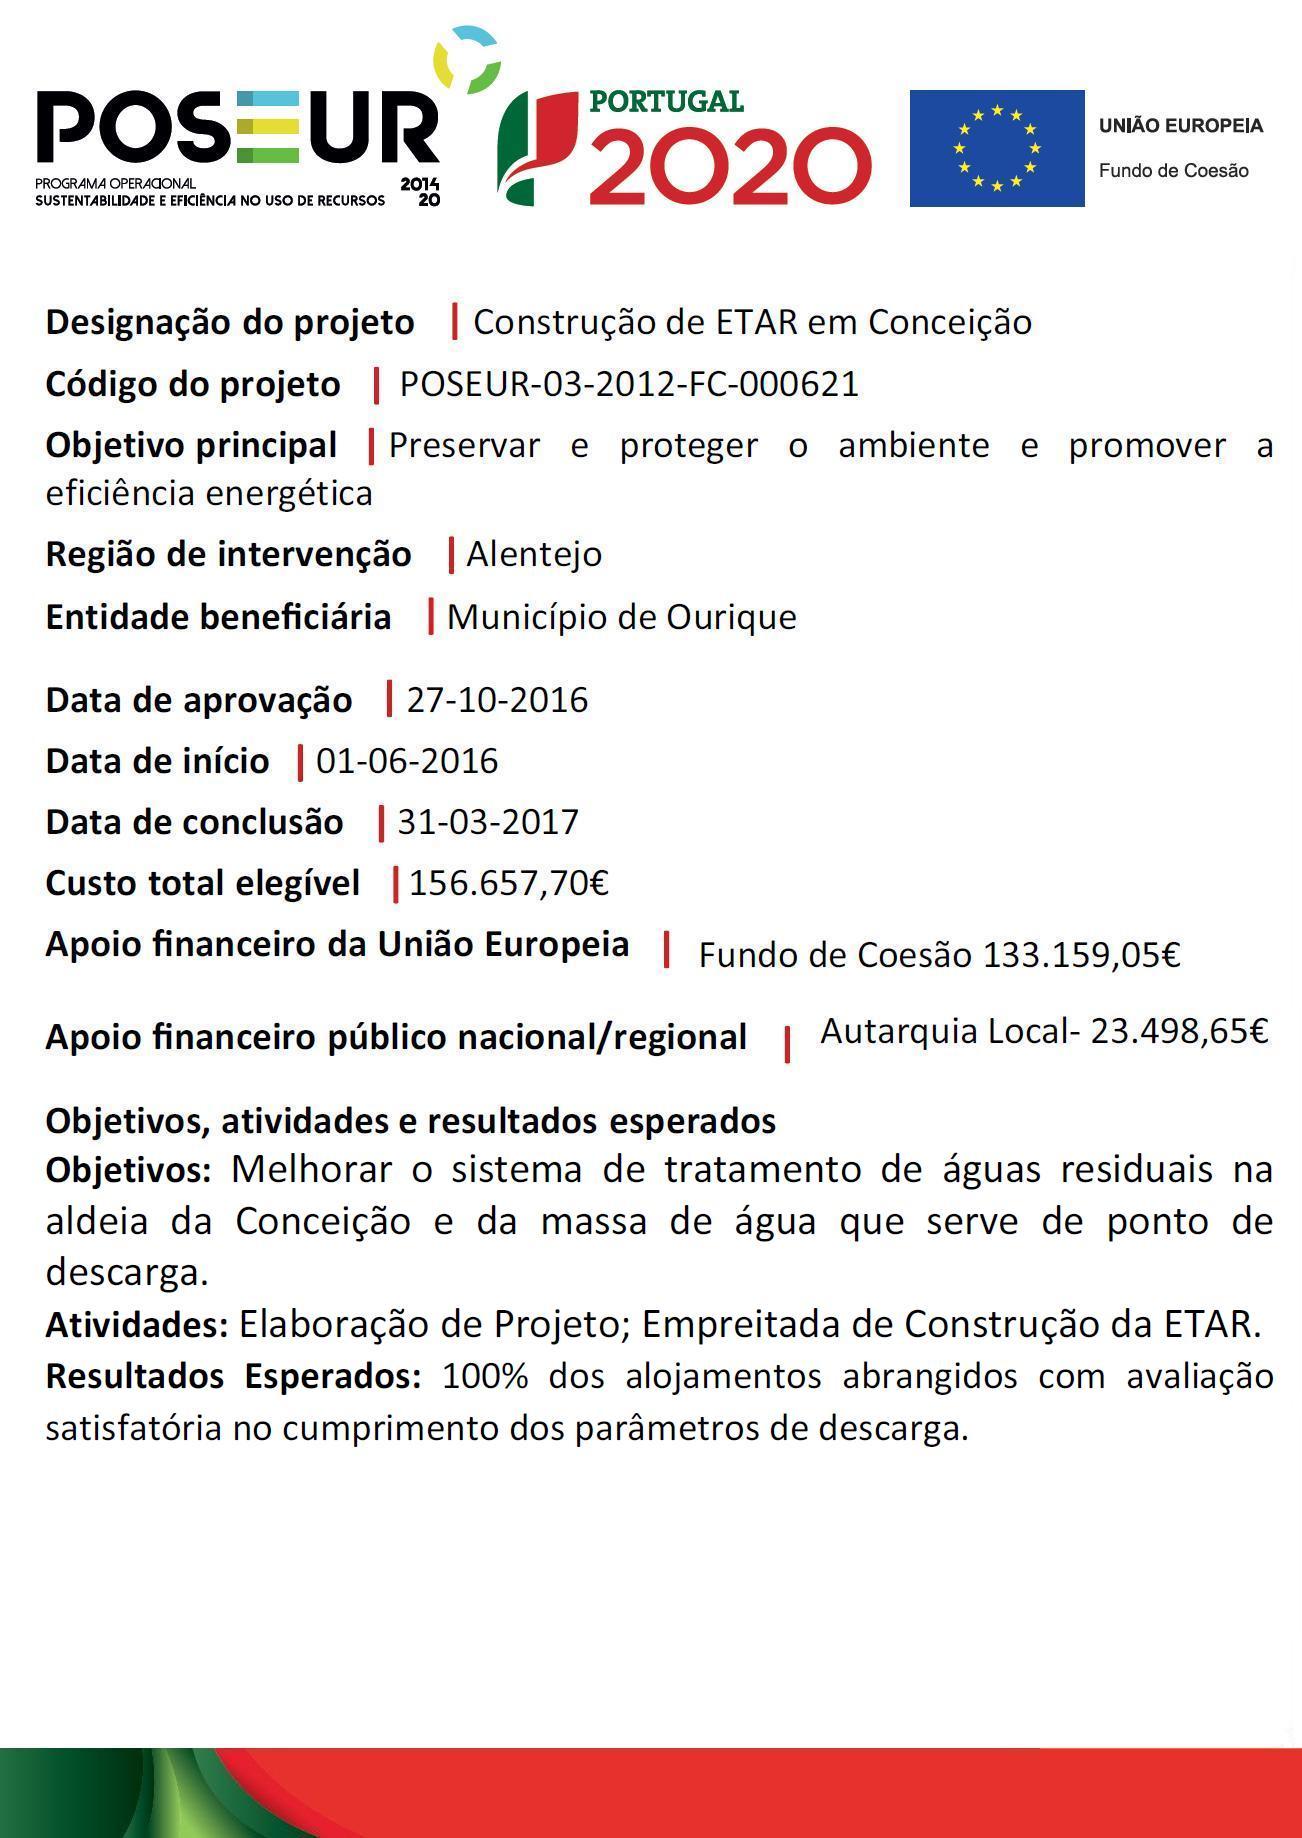 Construção de ETAR em Conceição